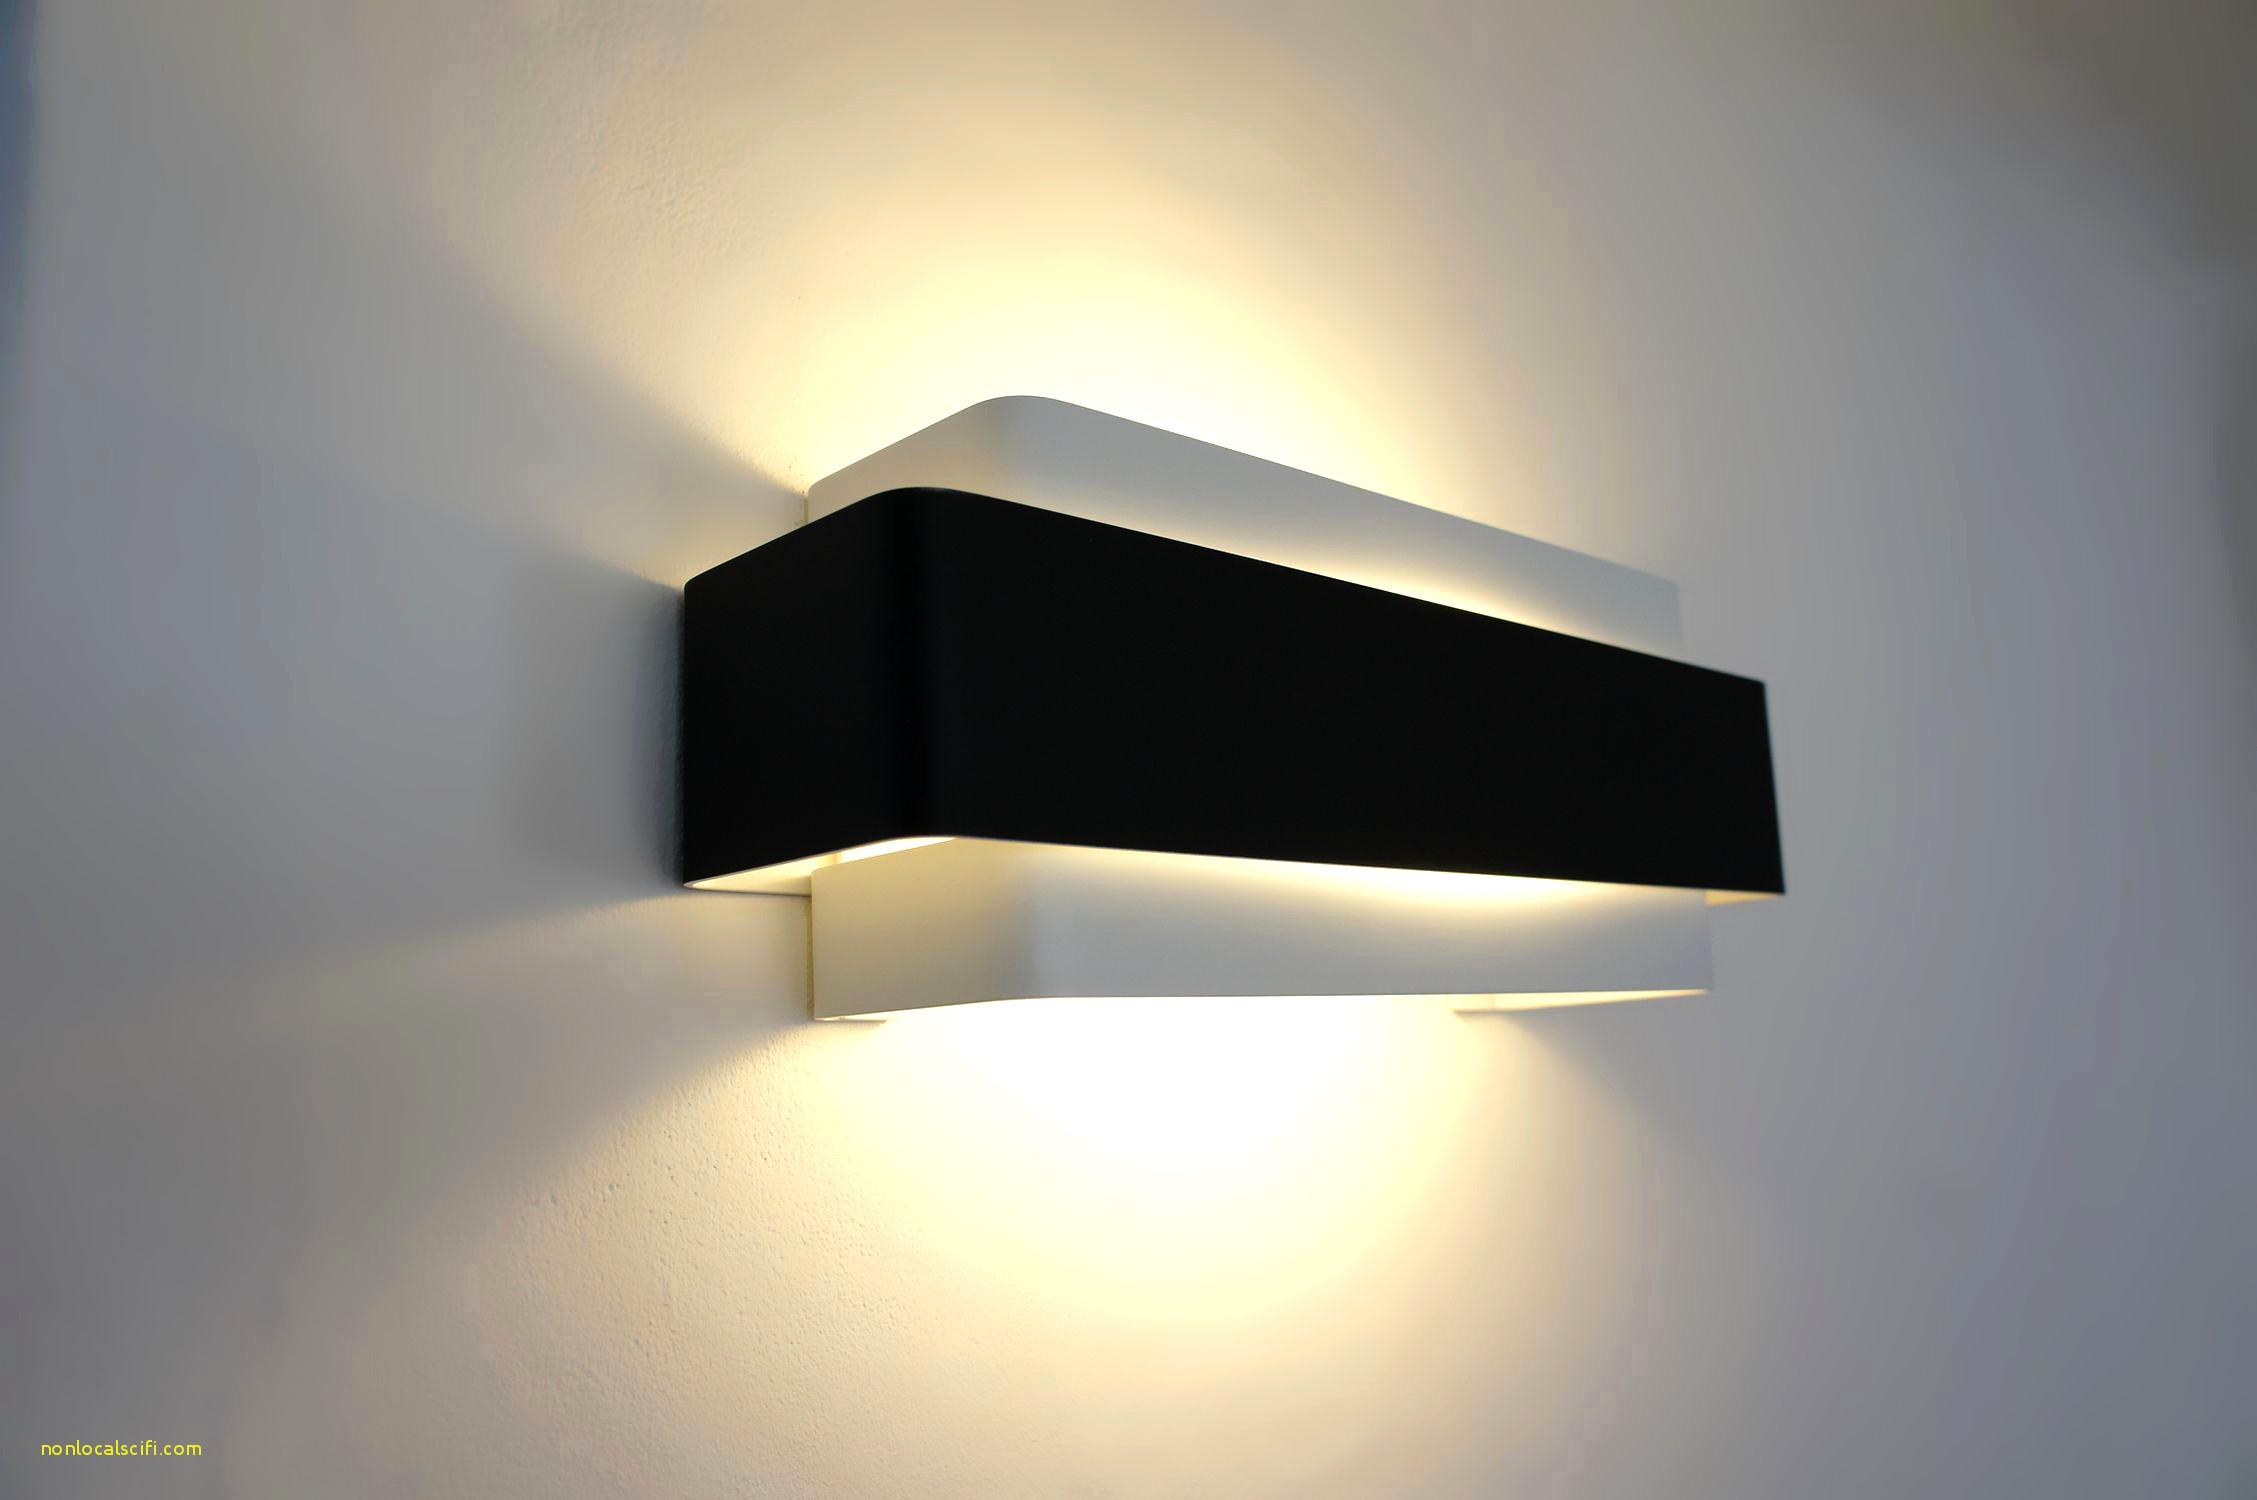 Applique Salle De Bain Avec Interrupteur Ikea Unique Galerie Résultat Supérieur 98 élégant Applique Miroir Salle De Bain Avec